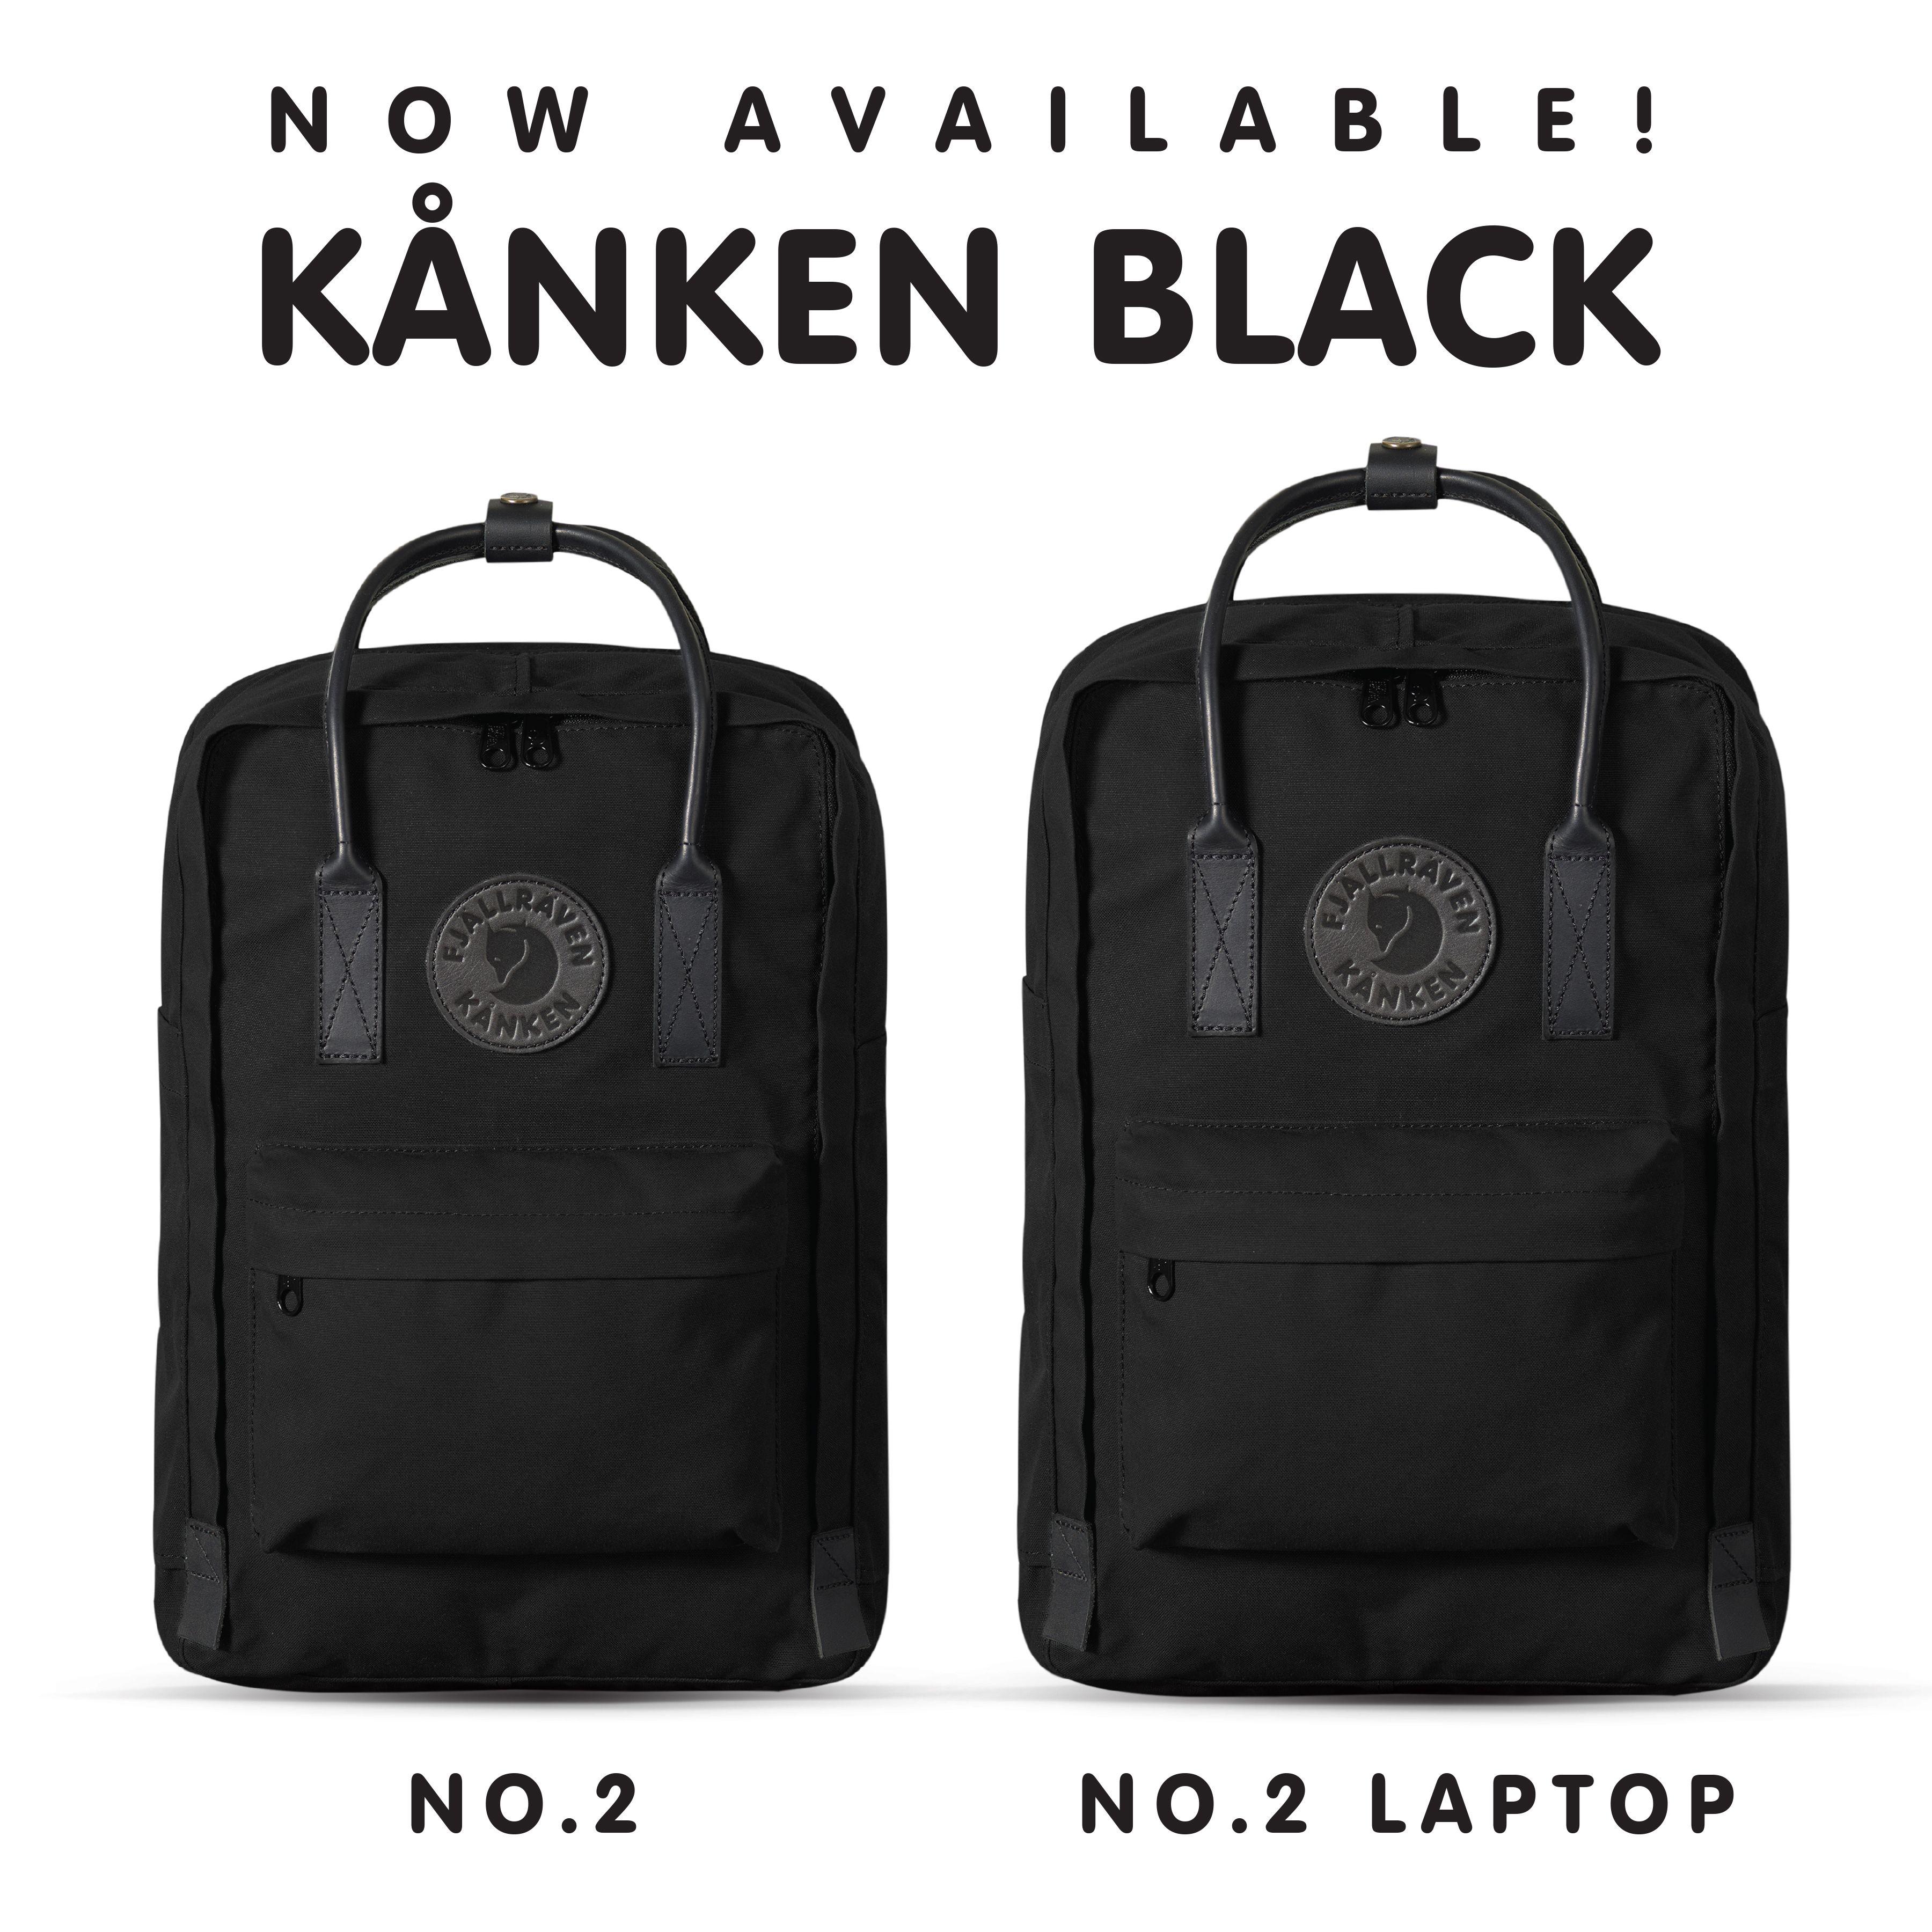 NEW KÅNKEN ALERT! The Kånken Black is here!! Shop both sizes TODAY at fjallraven.us!